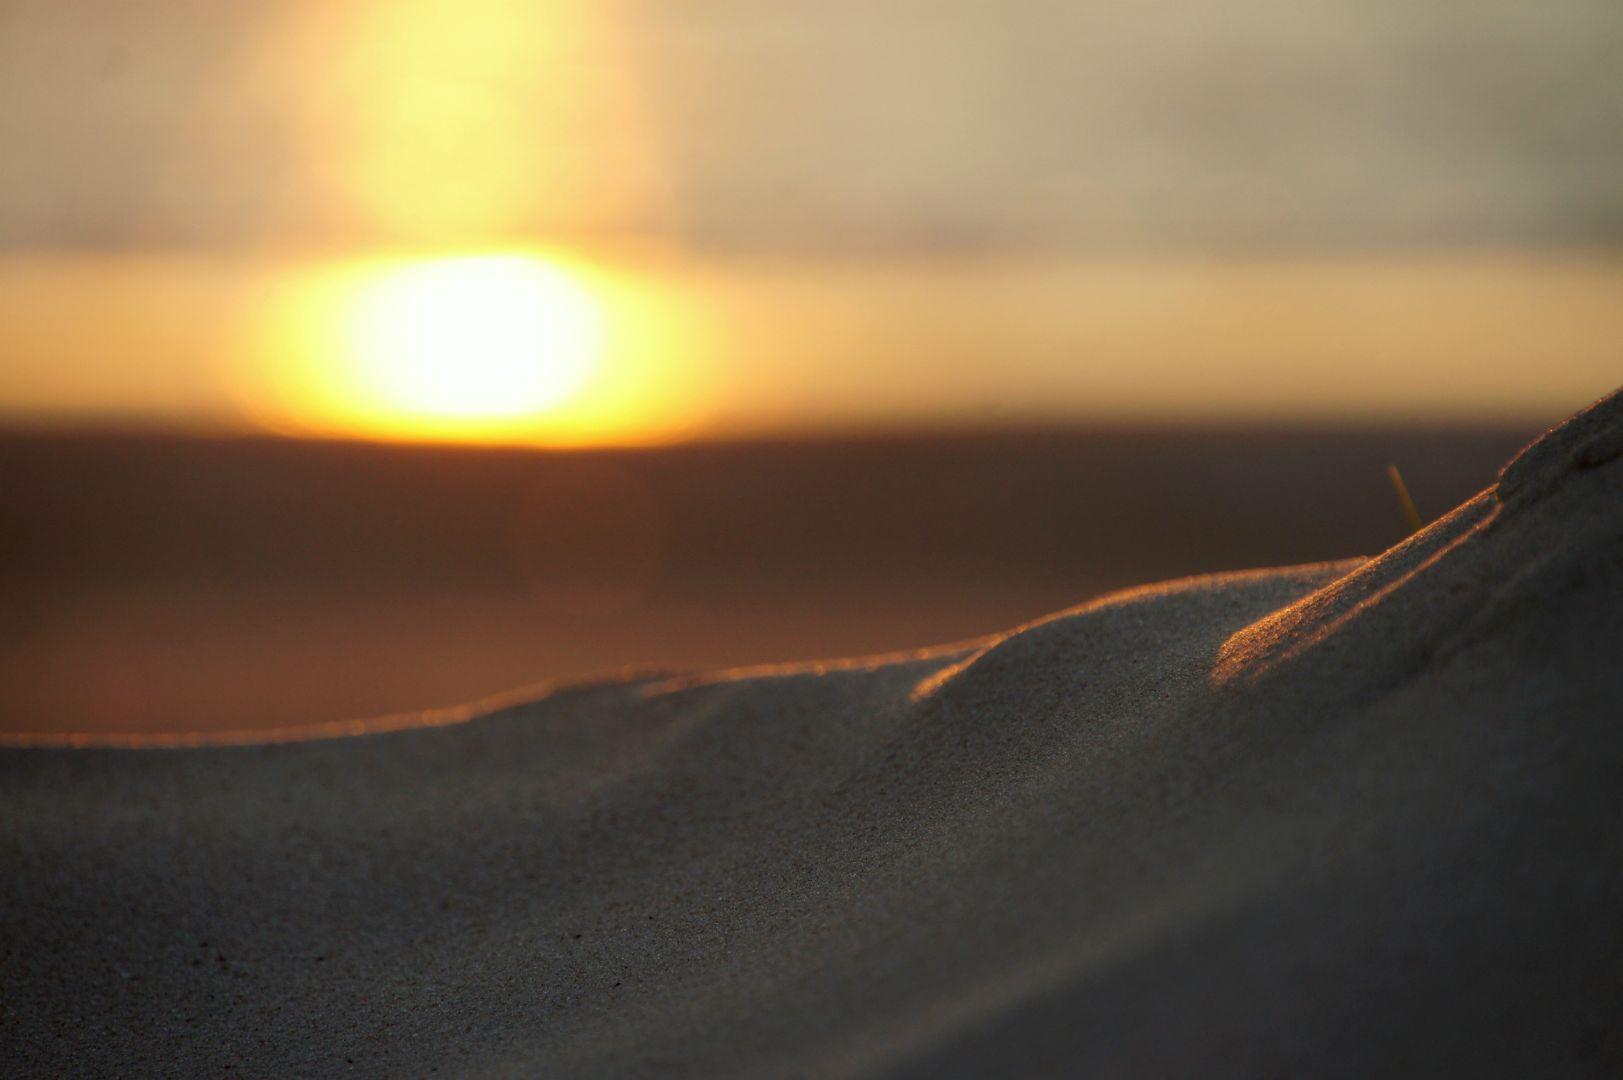 Solnedgang ved Rødhus Strand